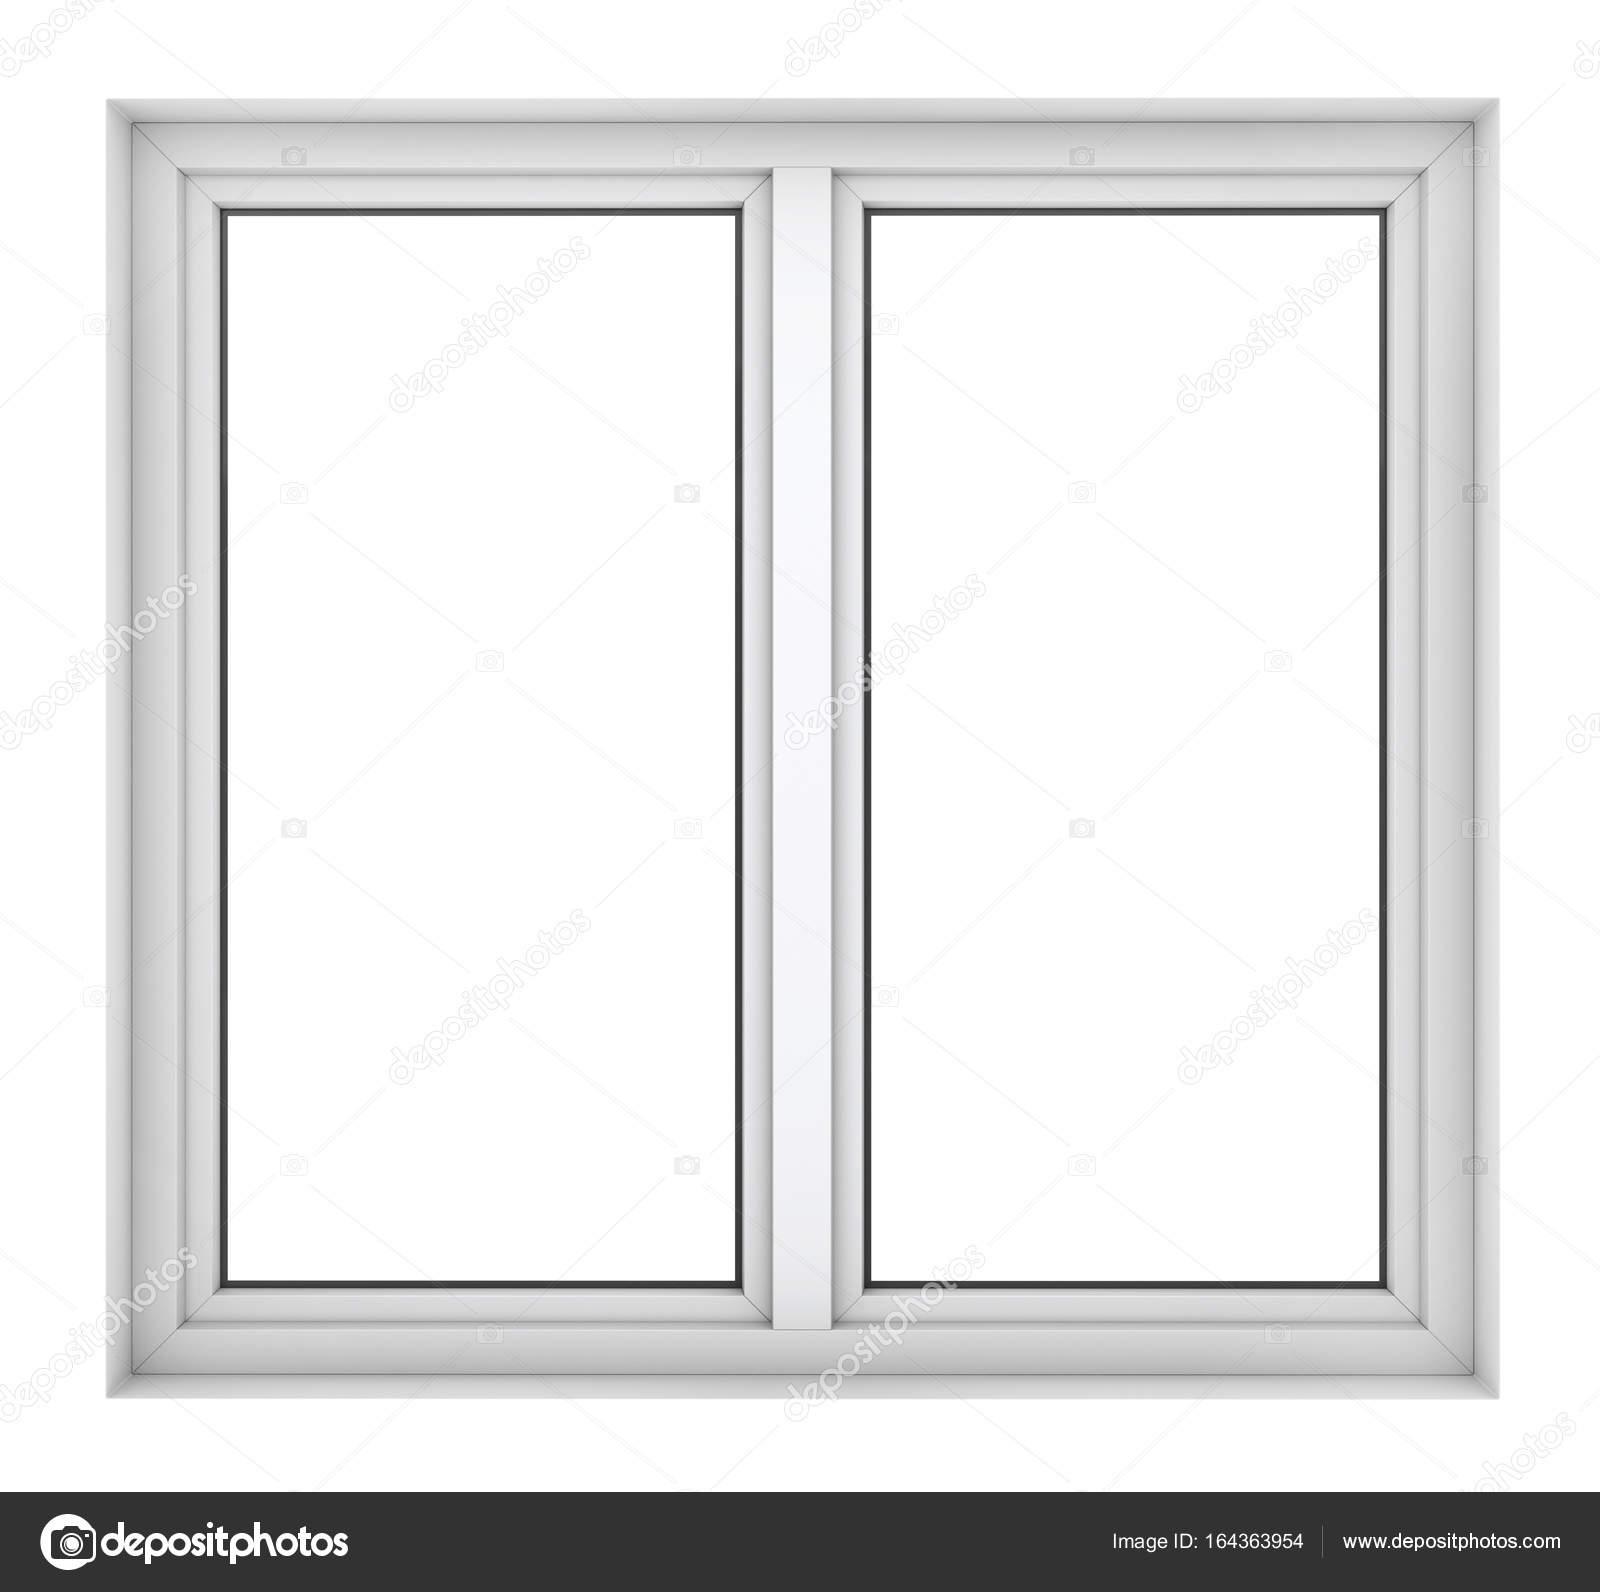 Kunststoff-Fenster-Rahmen — Stockfoto © oorka5 #164363954